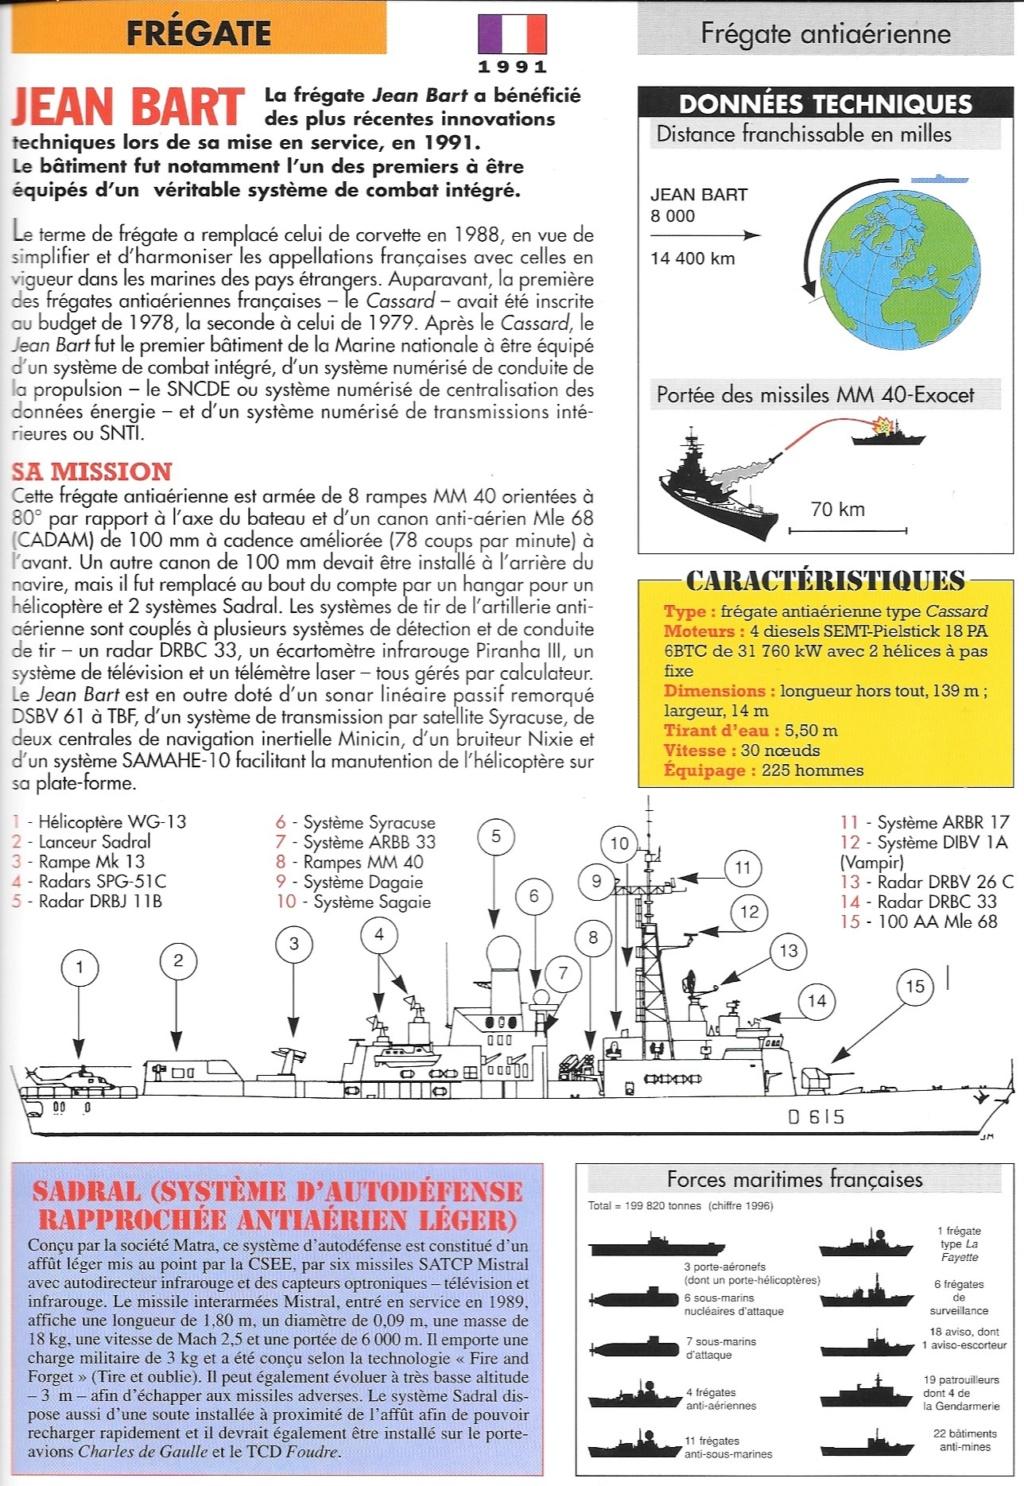 Les frégates antiaériennes Cassard et Jean-Bart - Page 2 Jean_b10